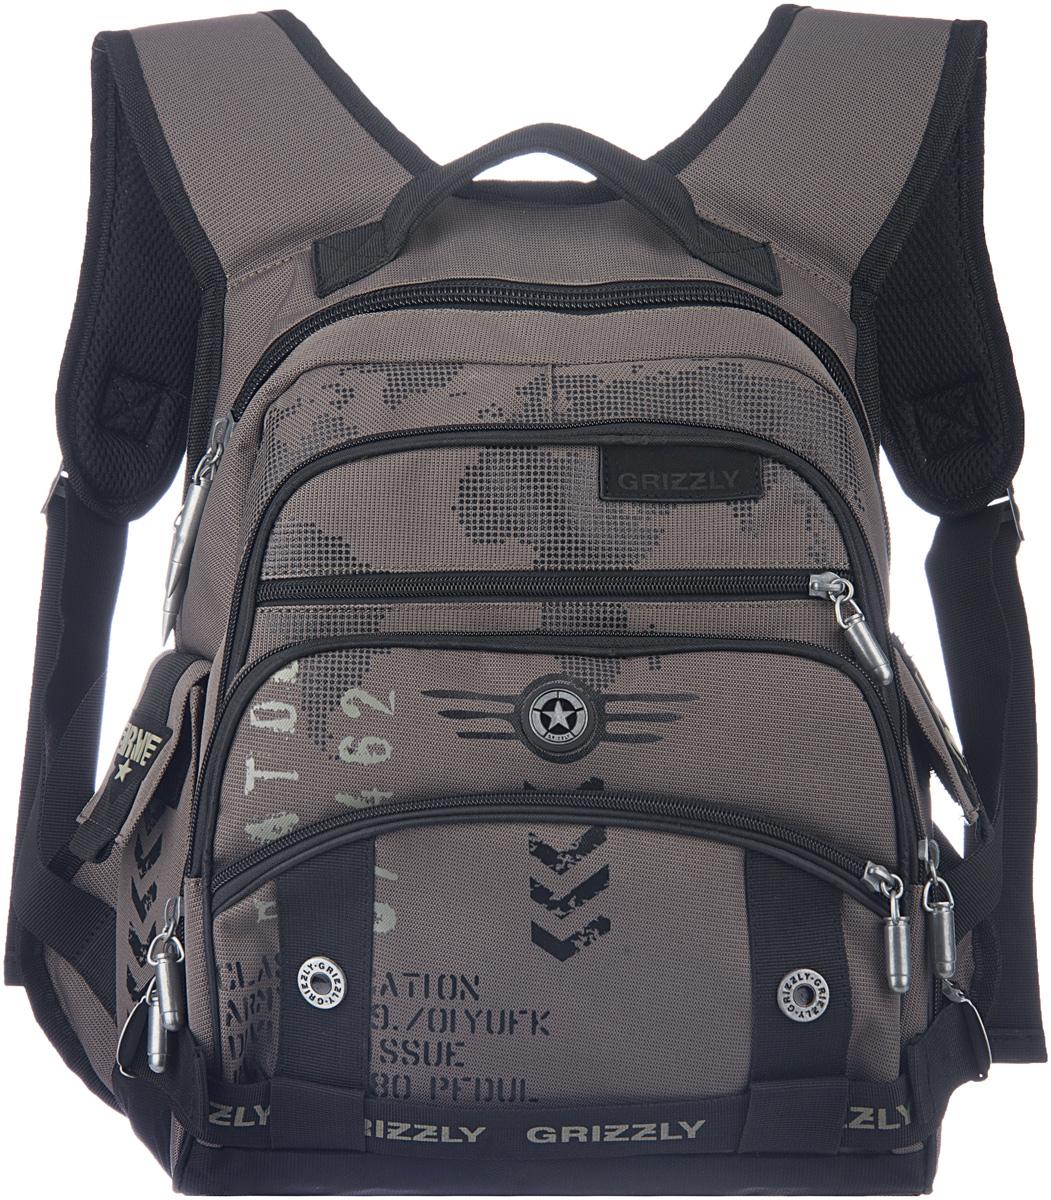 Рюкзак молодежный мужской Grizzly, цвет: черный, серый, 18,5 л. RU-501-2/2RU-501-2/2Рюкзак с жесткой анатомической спинкой Grizzly изготовлен из полиэстера и имеет два отделения, карман на молнии на передней стенке, боковые карманы с клапанами на липучках, внутренний карман-пенал для карандашей, жесткая анатомическая спинка, карман быстрого доступа в передней части рюкзака. Рюкзак оснащен двумя широкими мягкими лямками регулируемой длины и удобной короткой ручкой.